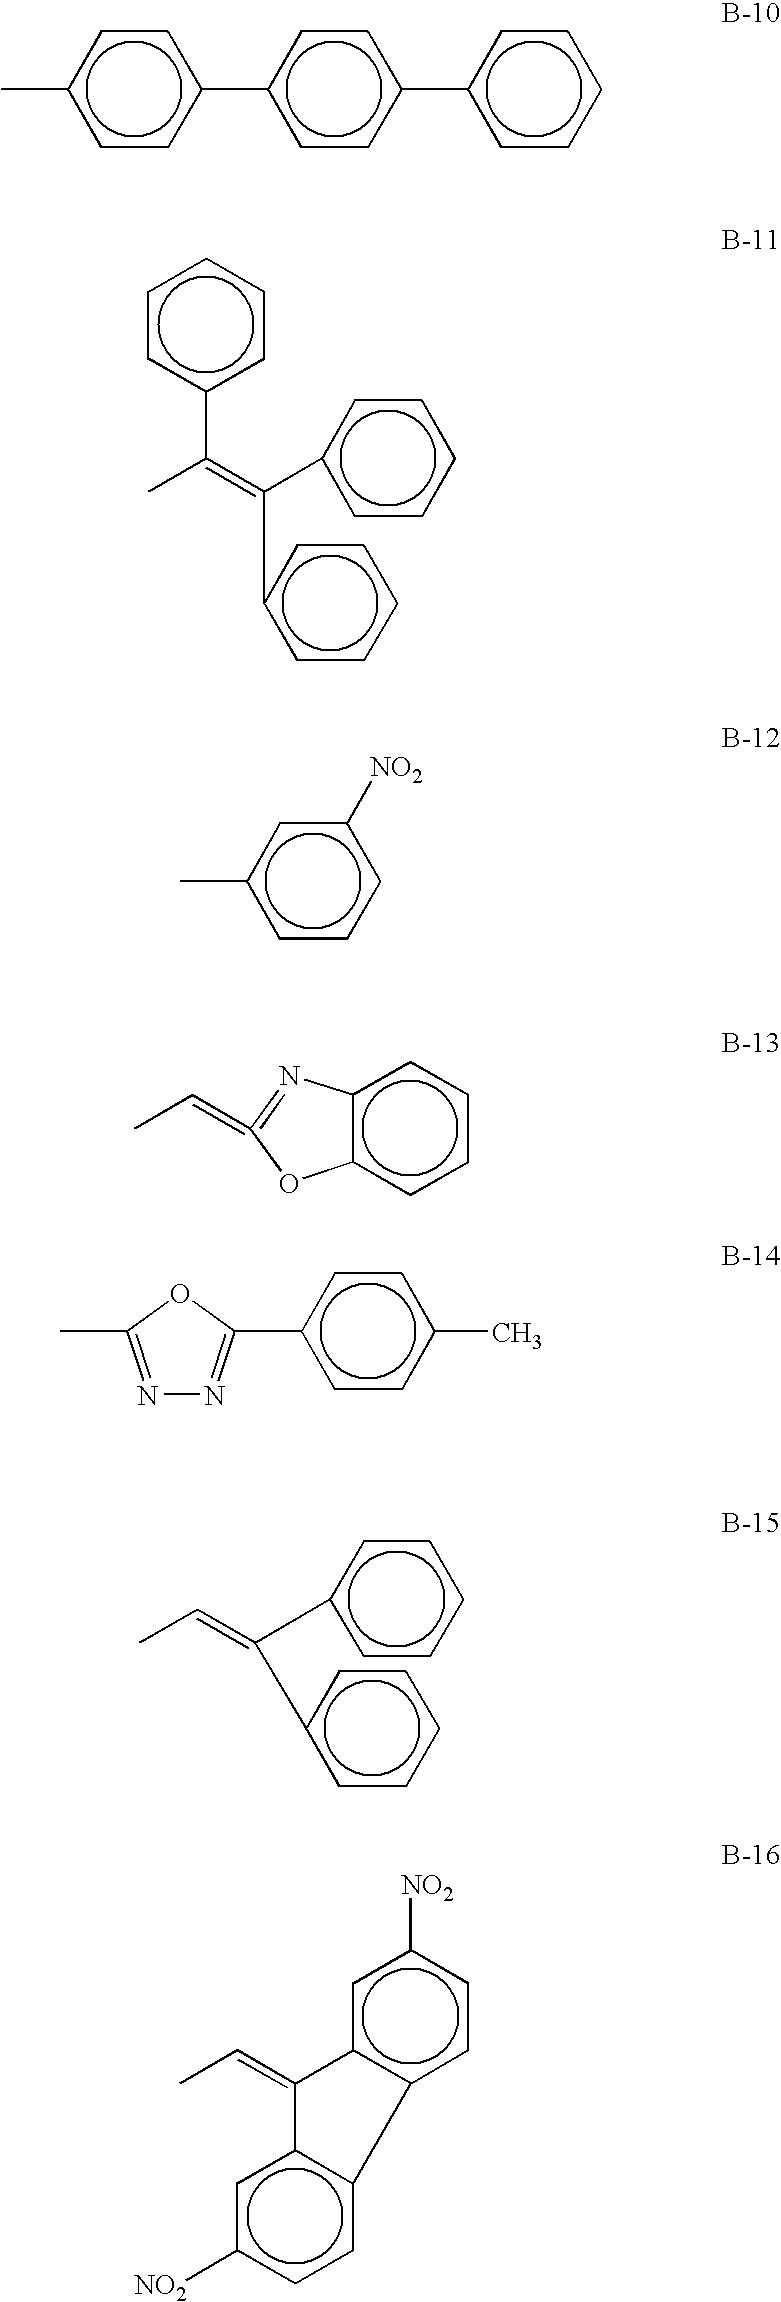 Figure US20030235713A1-20031225-C00011